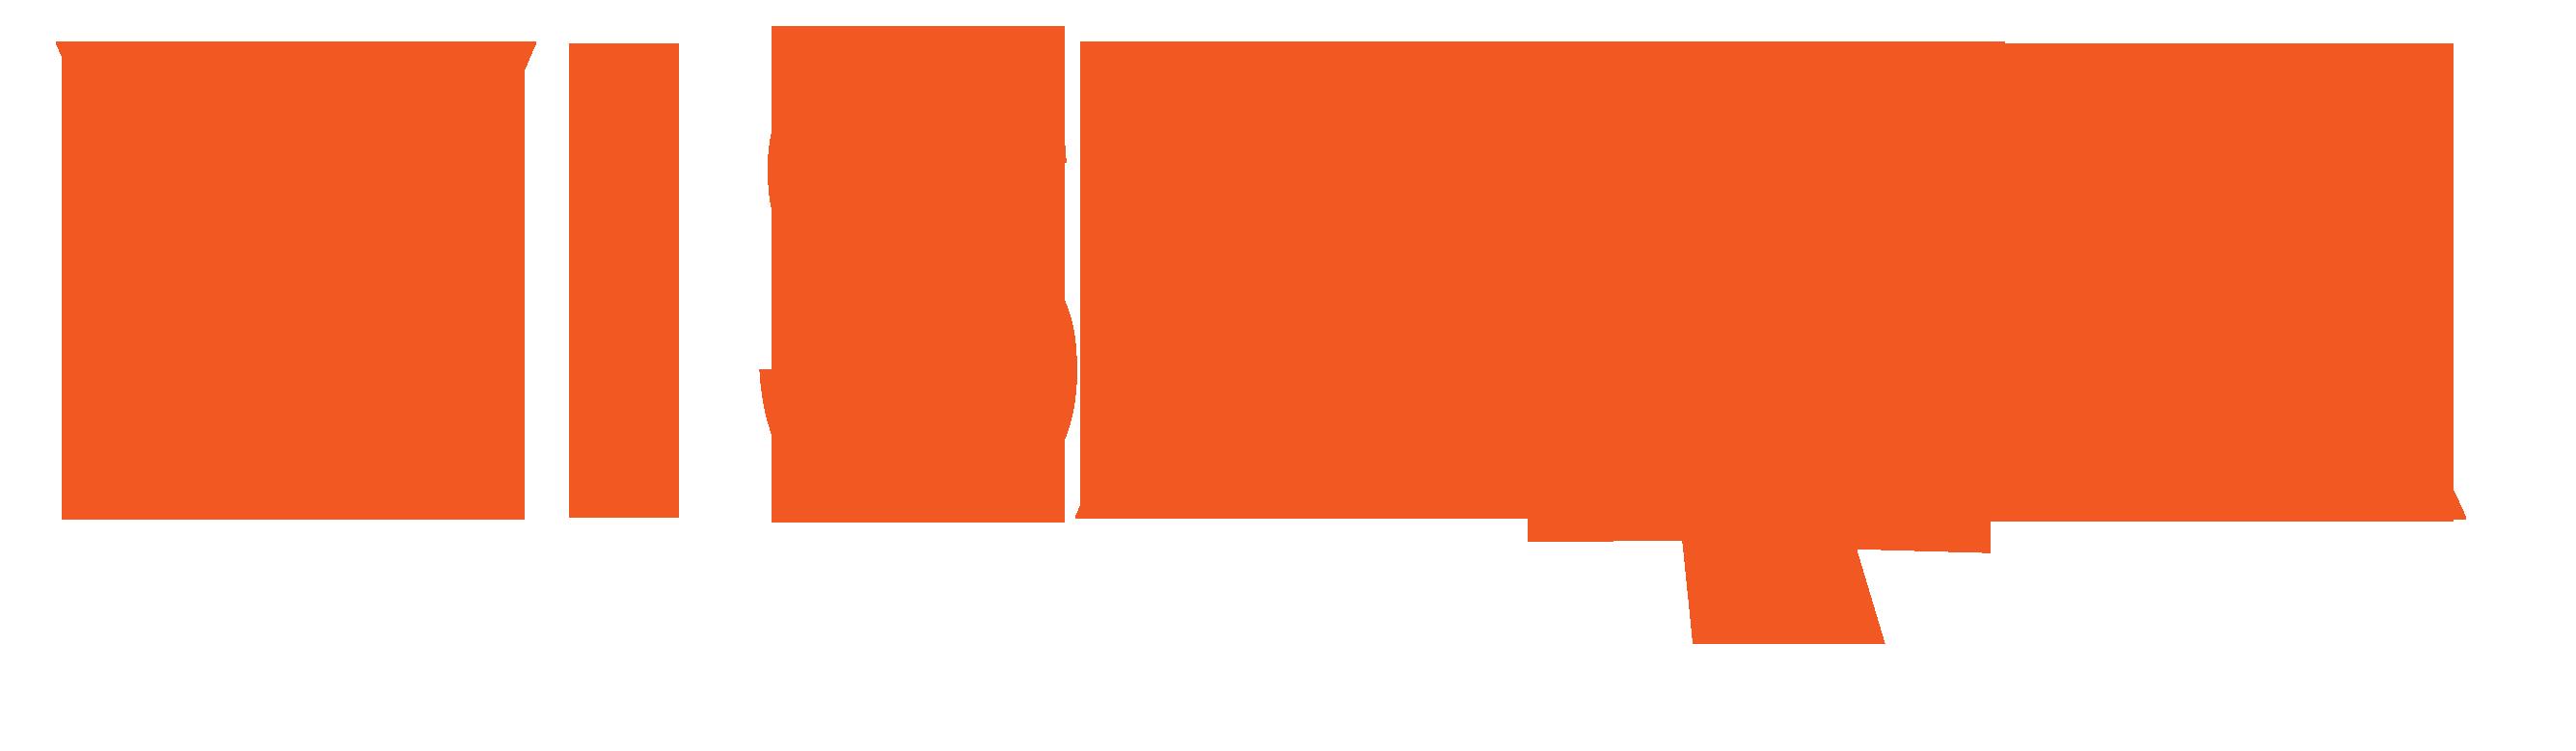 Visaya KPO logo